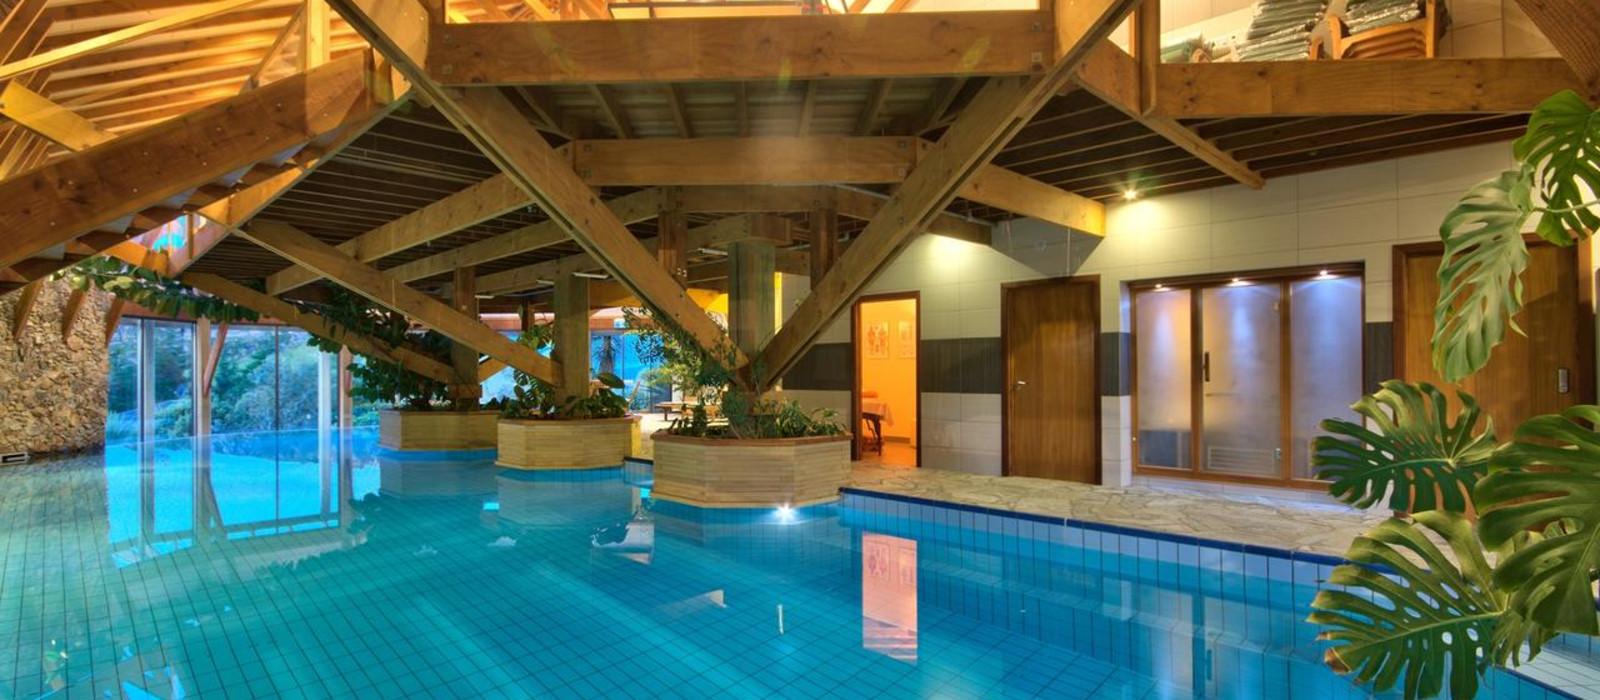 Hotel Westhaven Retreat Luxury Lodge Neuseeland